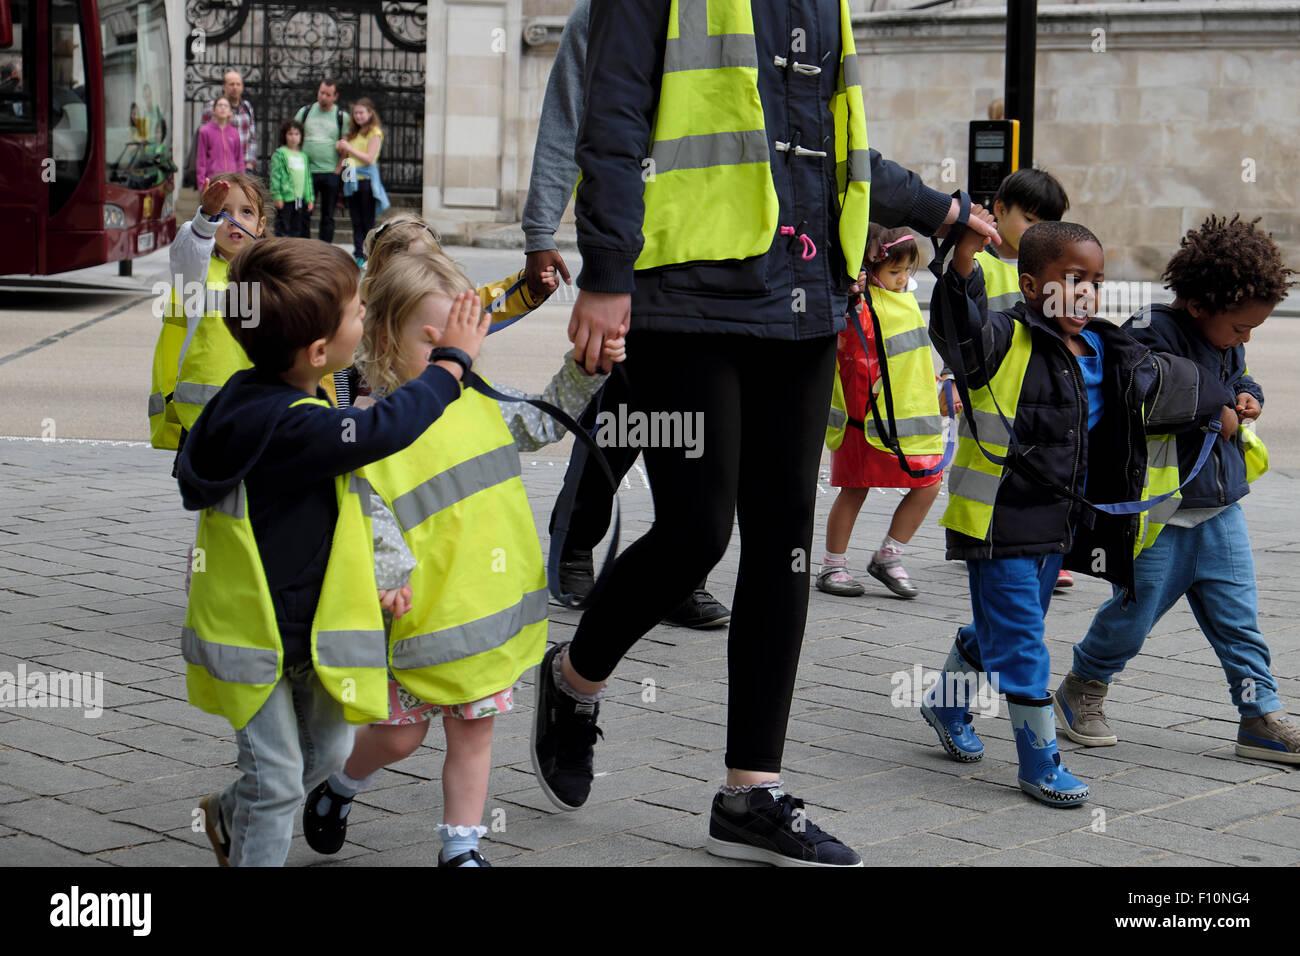 Les enfants d'école maternelle & nourrice portant des vestes de sécurité fluorescent haute visibilité tenir la main sur marche dans une rue de Londres UK KATHY DEWITT Banque D'Images